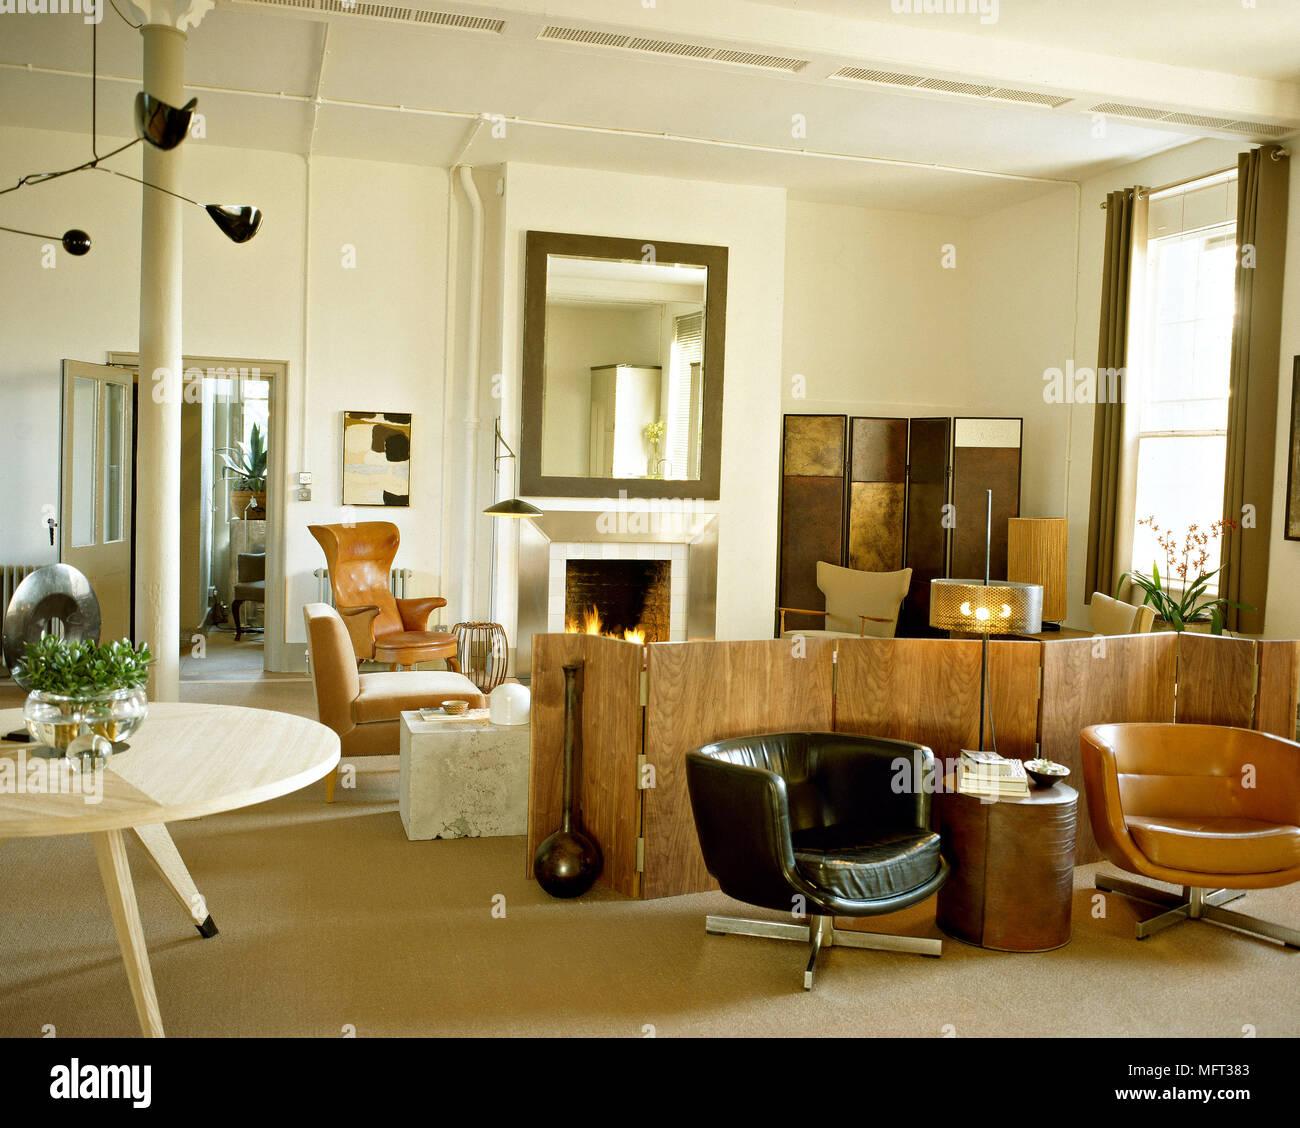 Moderne Wohnzimmer Kamin Falten Holz Braunen Ledersesseln